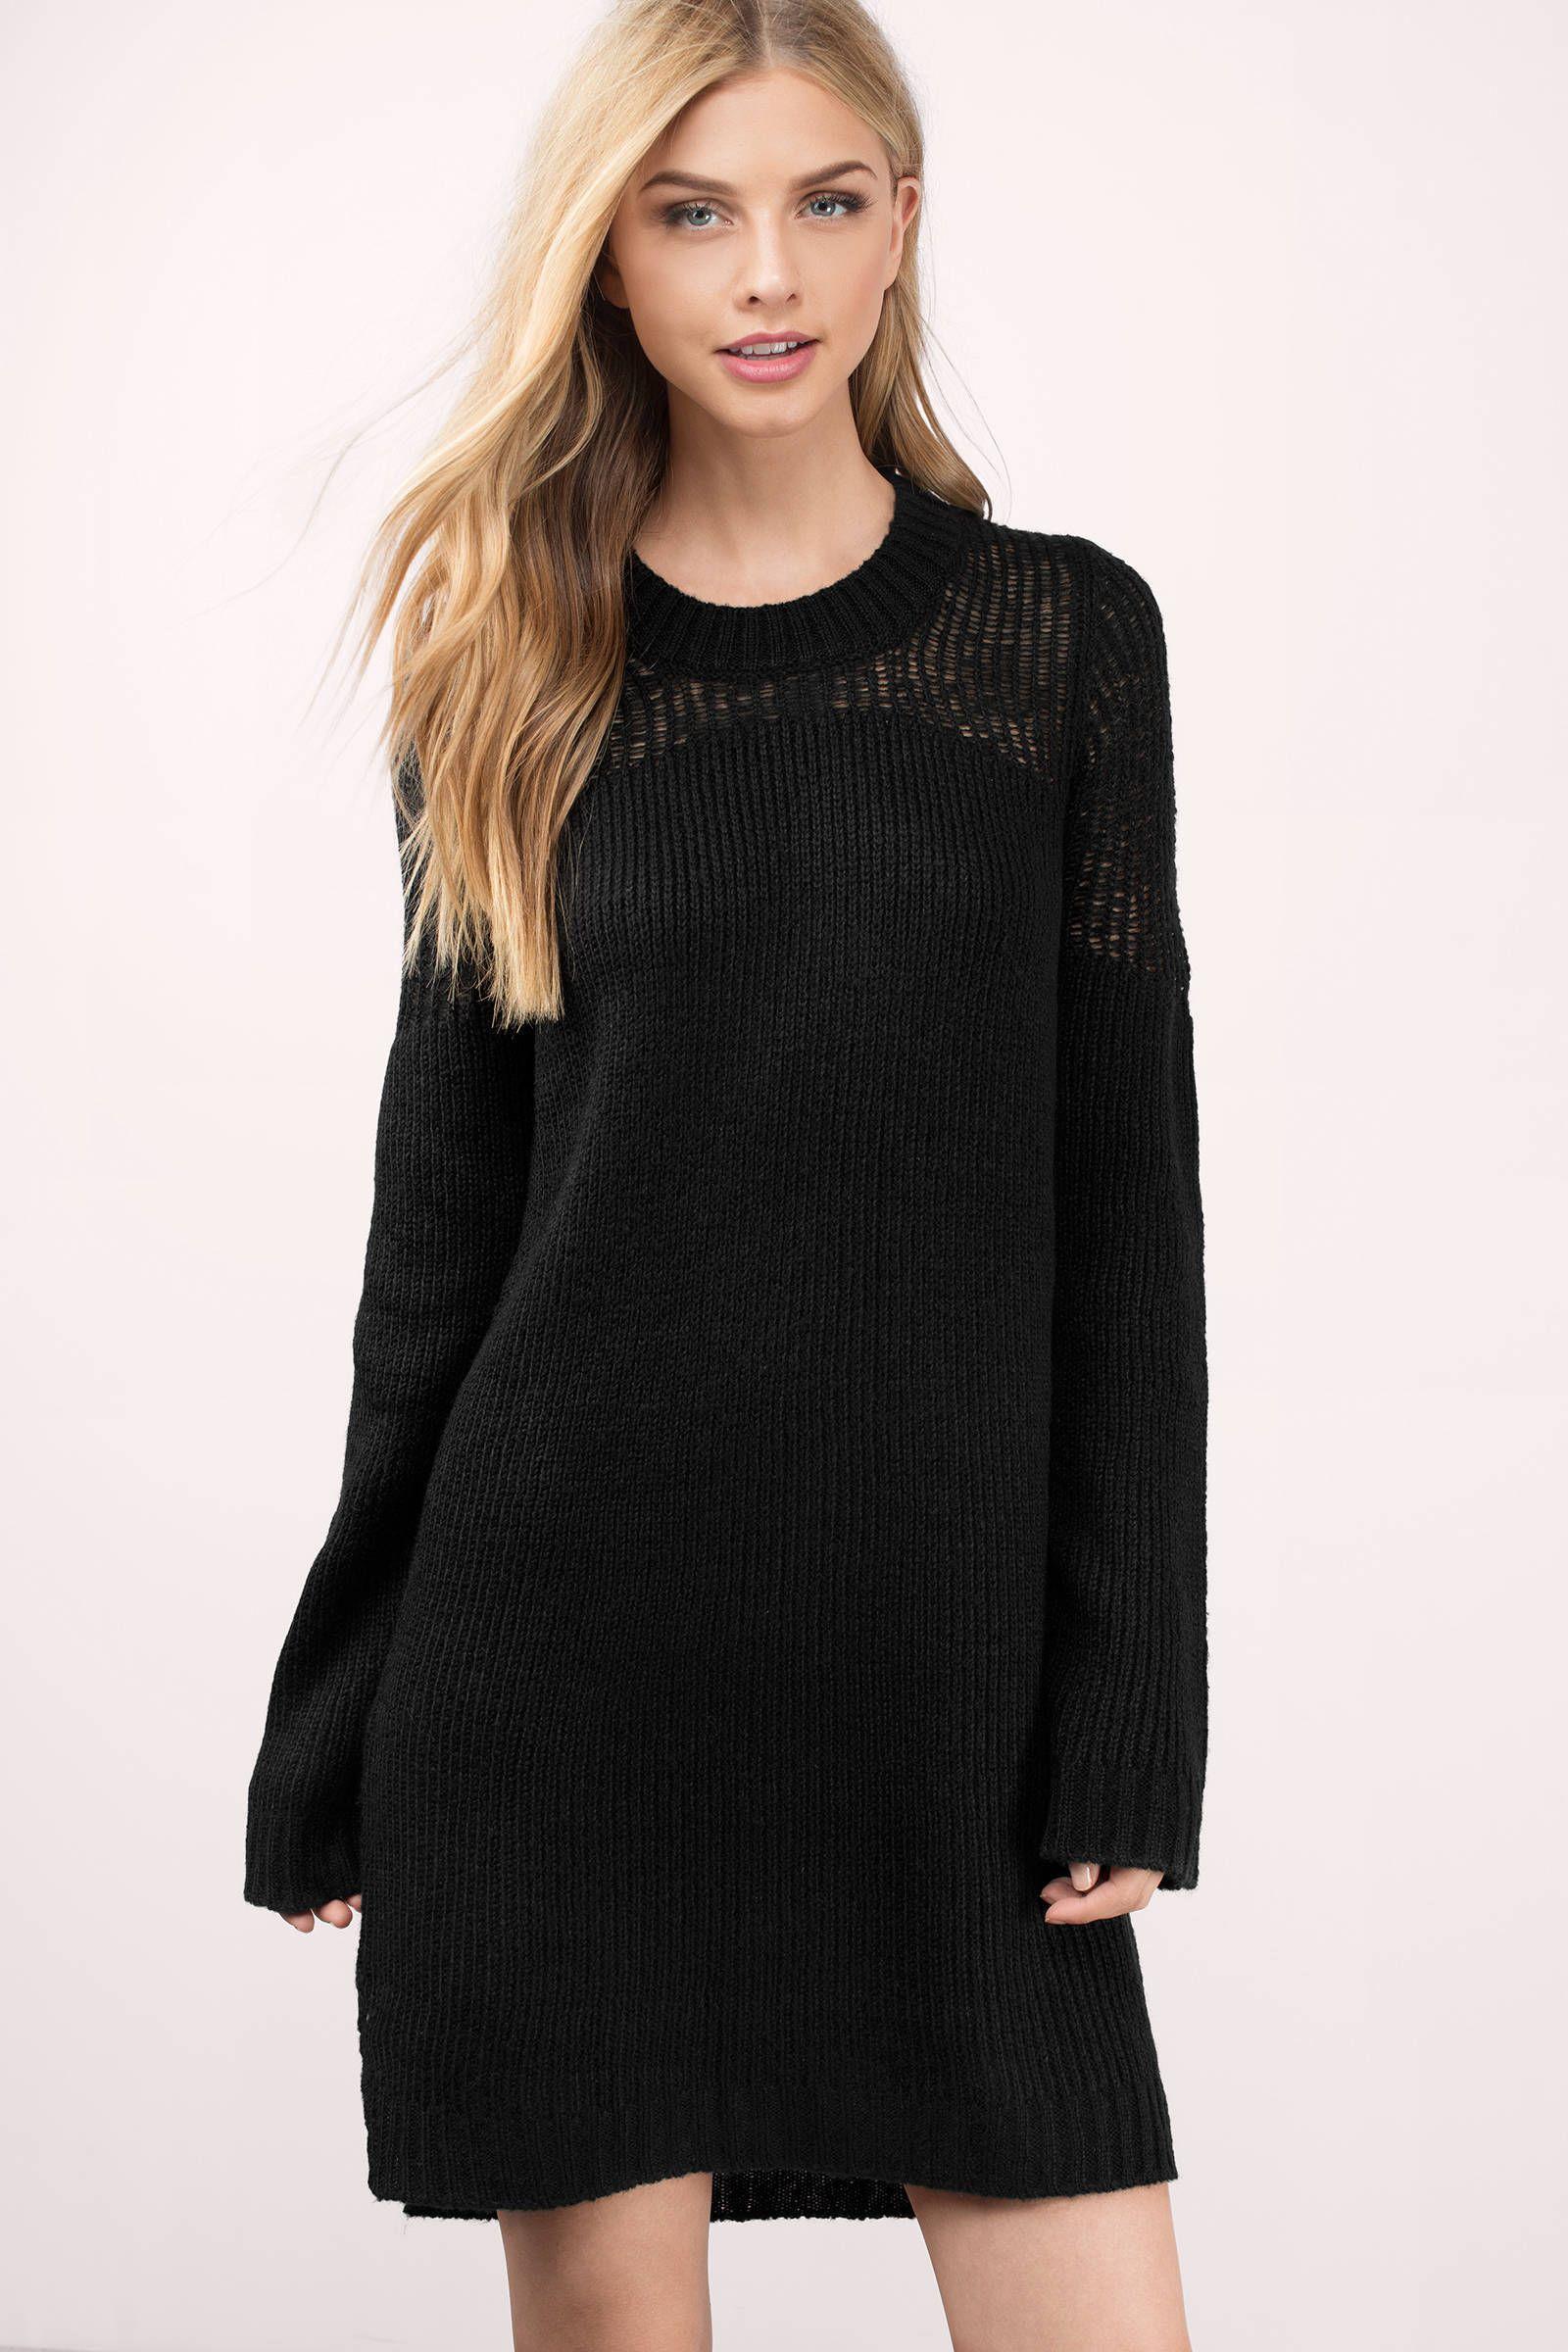 Knit Wit Sweater Dress In Black Cute Black Dress Sweater Dress Black Sweater Dress [ 2400 x 1600 Pixel ]